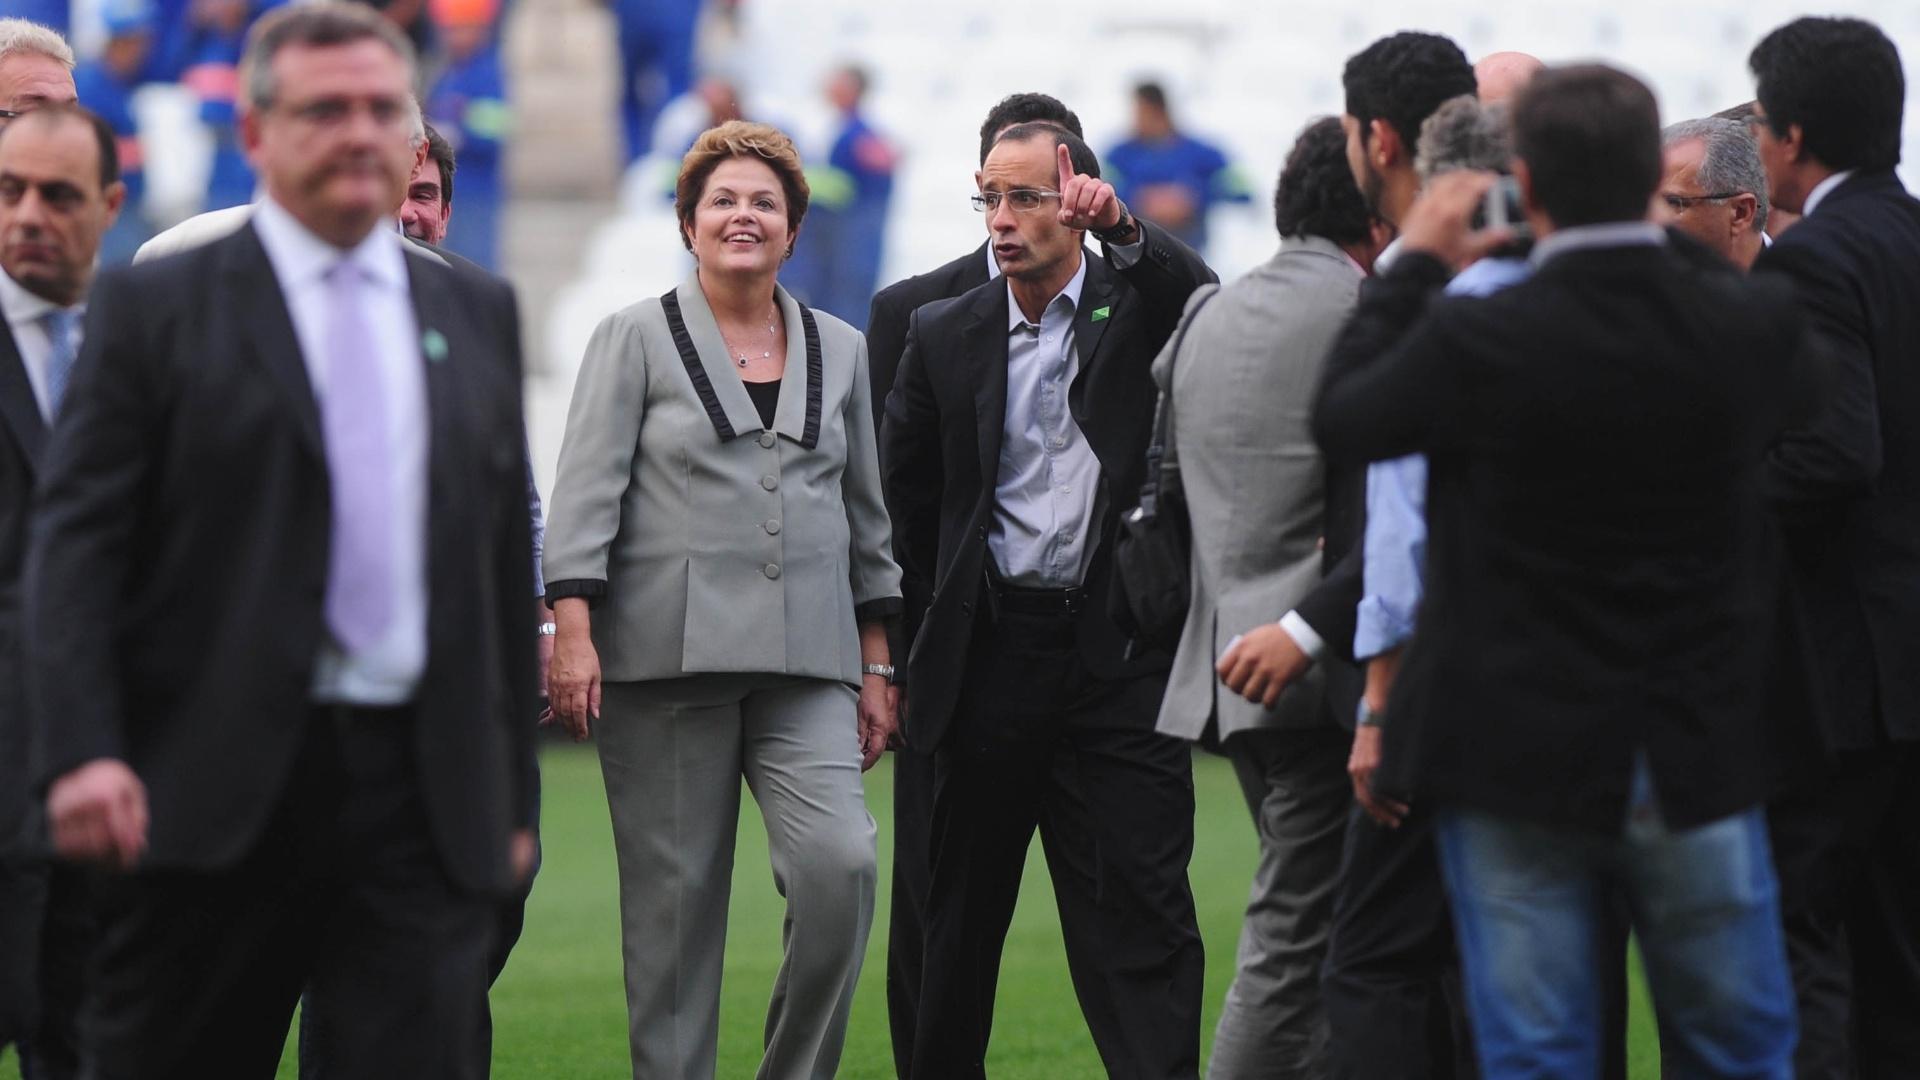 08.05.14 - Presidente Dilma Rousseff anda pelo gramado do Itaquerão próximo ao mandatário do Corinthians, Mário Gobbi